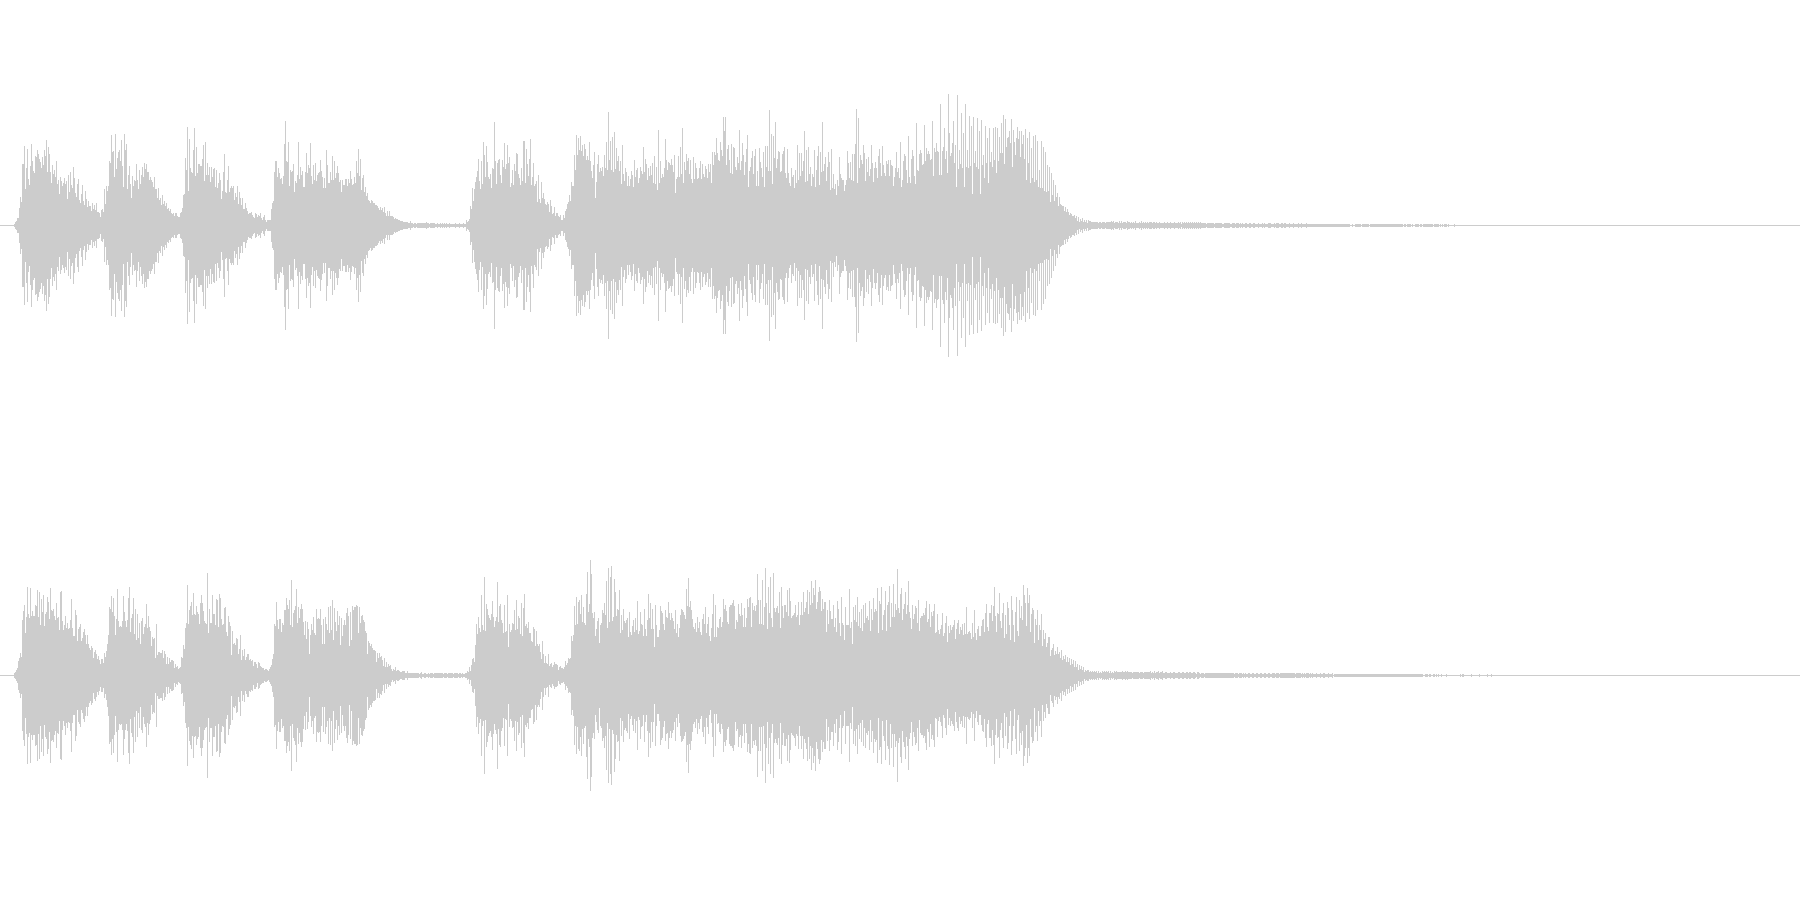 玩具系ファンファーレ-08の未再生の波形